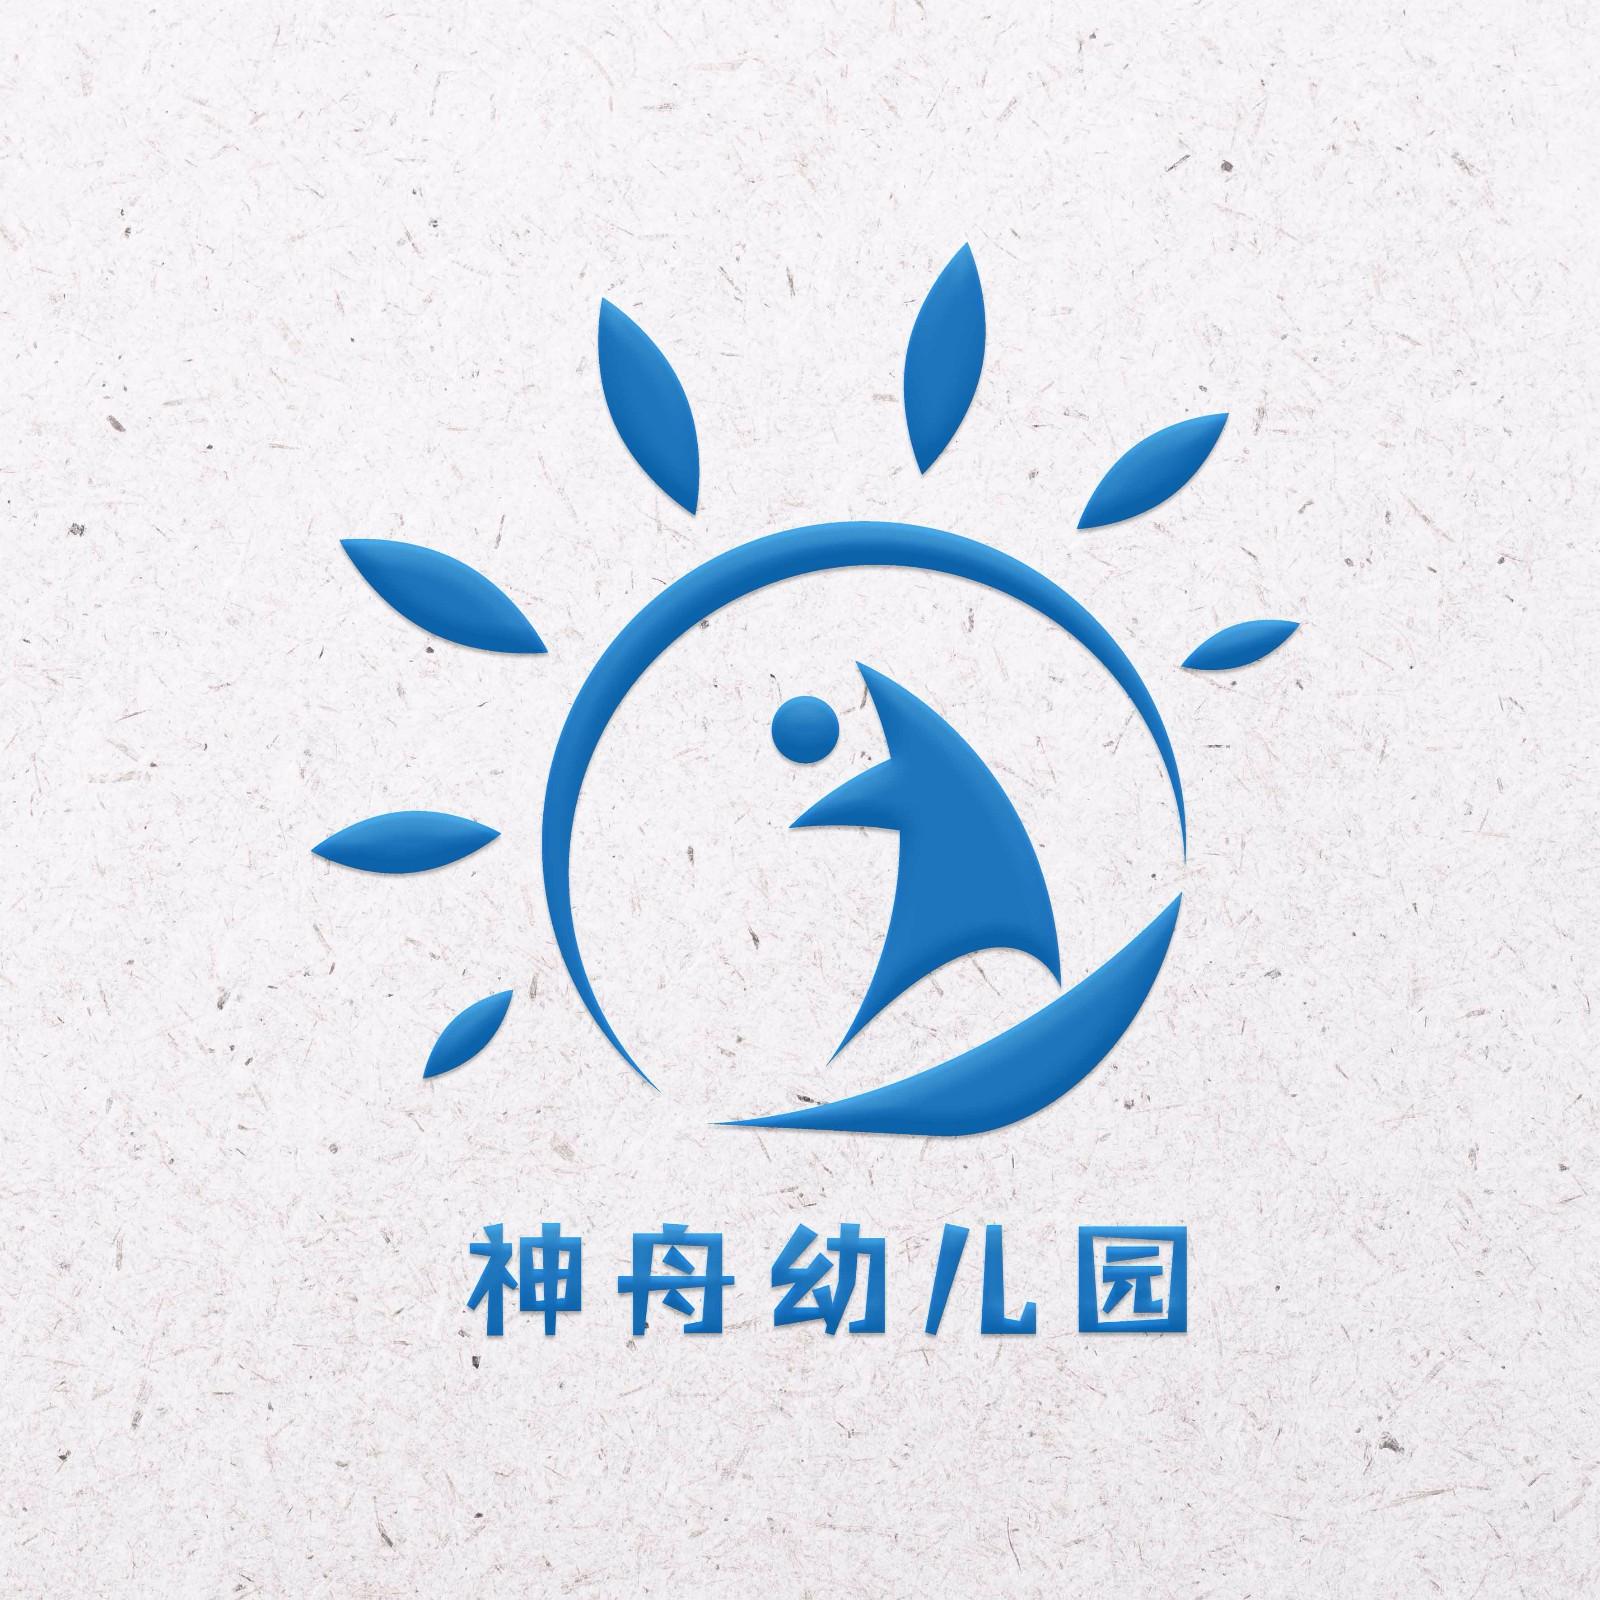 神舟幼儿园LOGO标志设计-logo设计,设计游船码头设计图纸图片